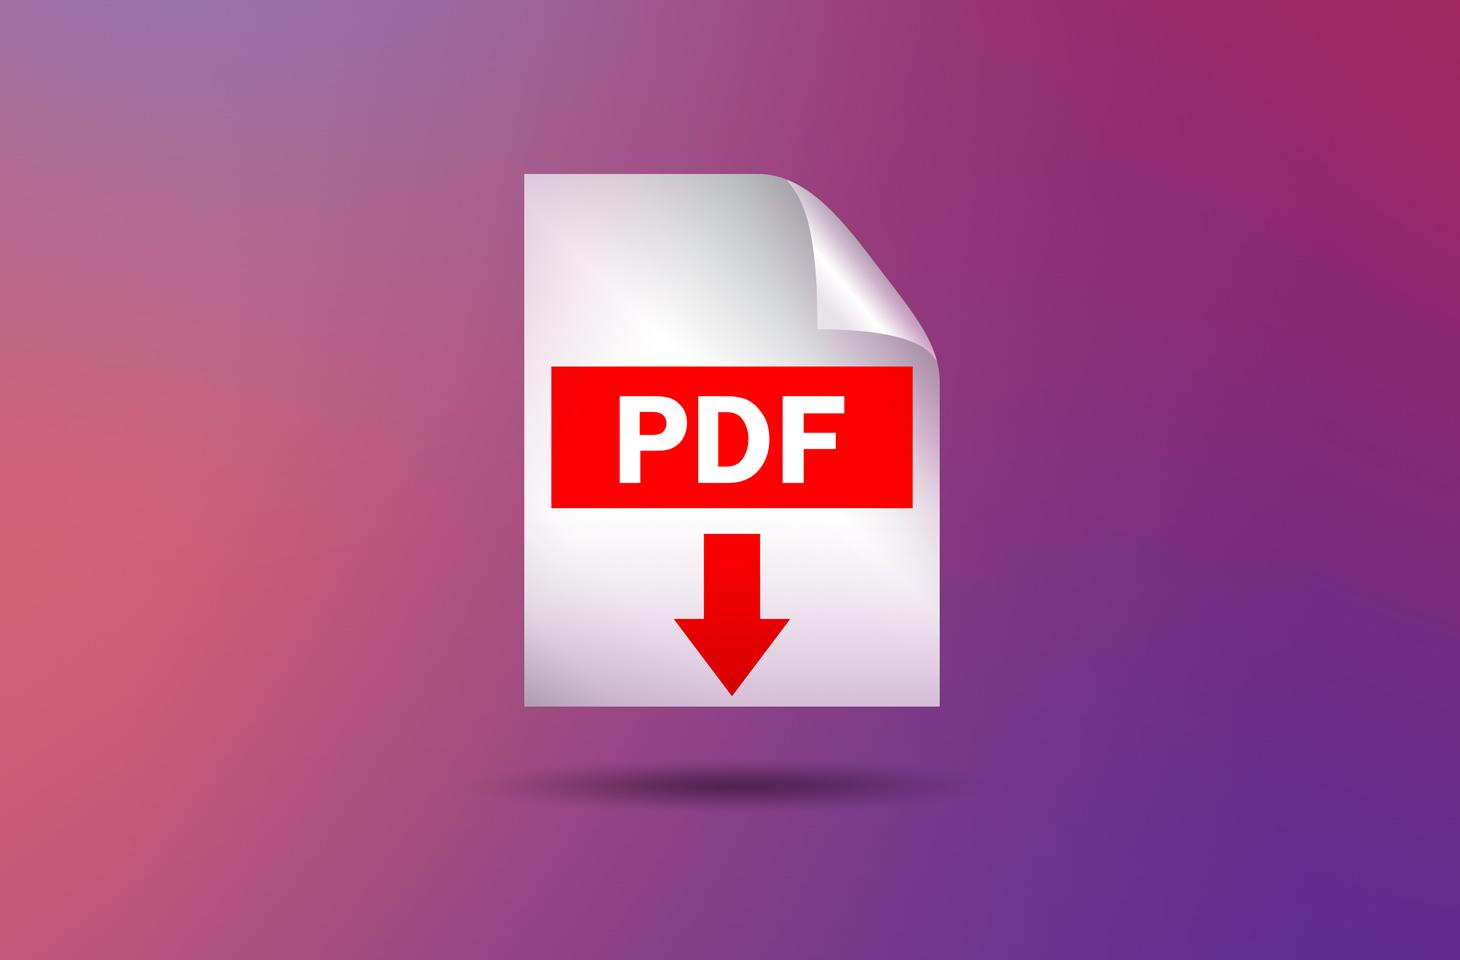 چگونه در ویندوز ۱۰ ایمیل را به فایل PDF تبدیل کنیم؟